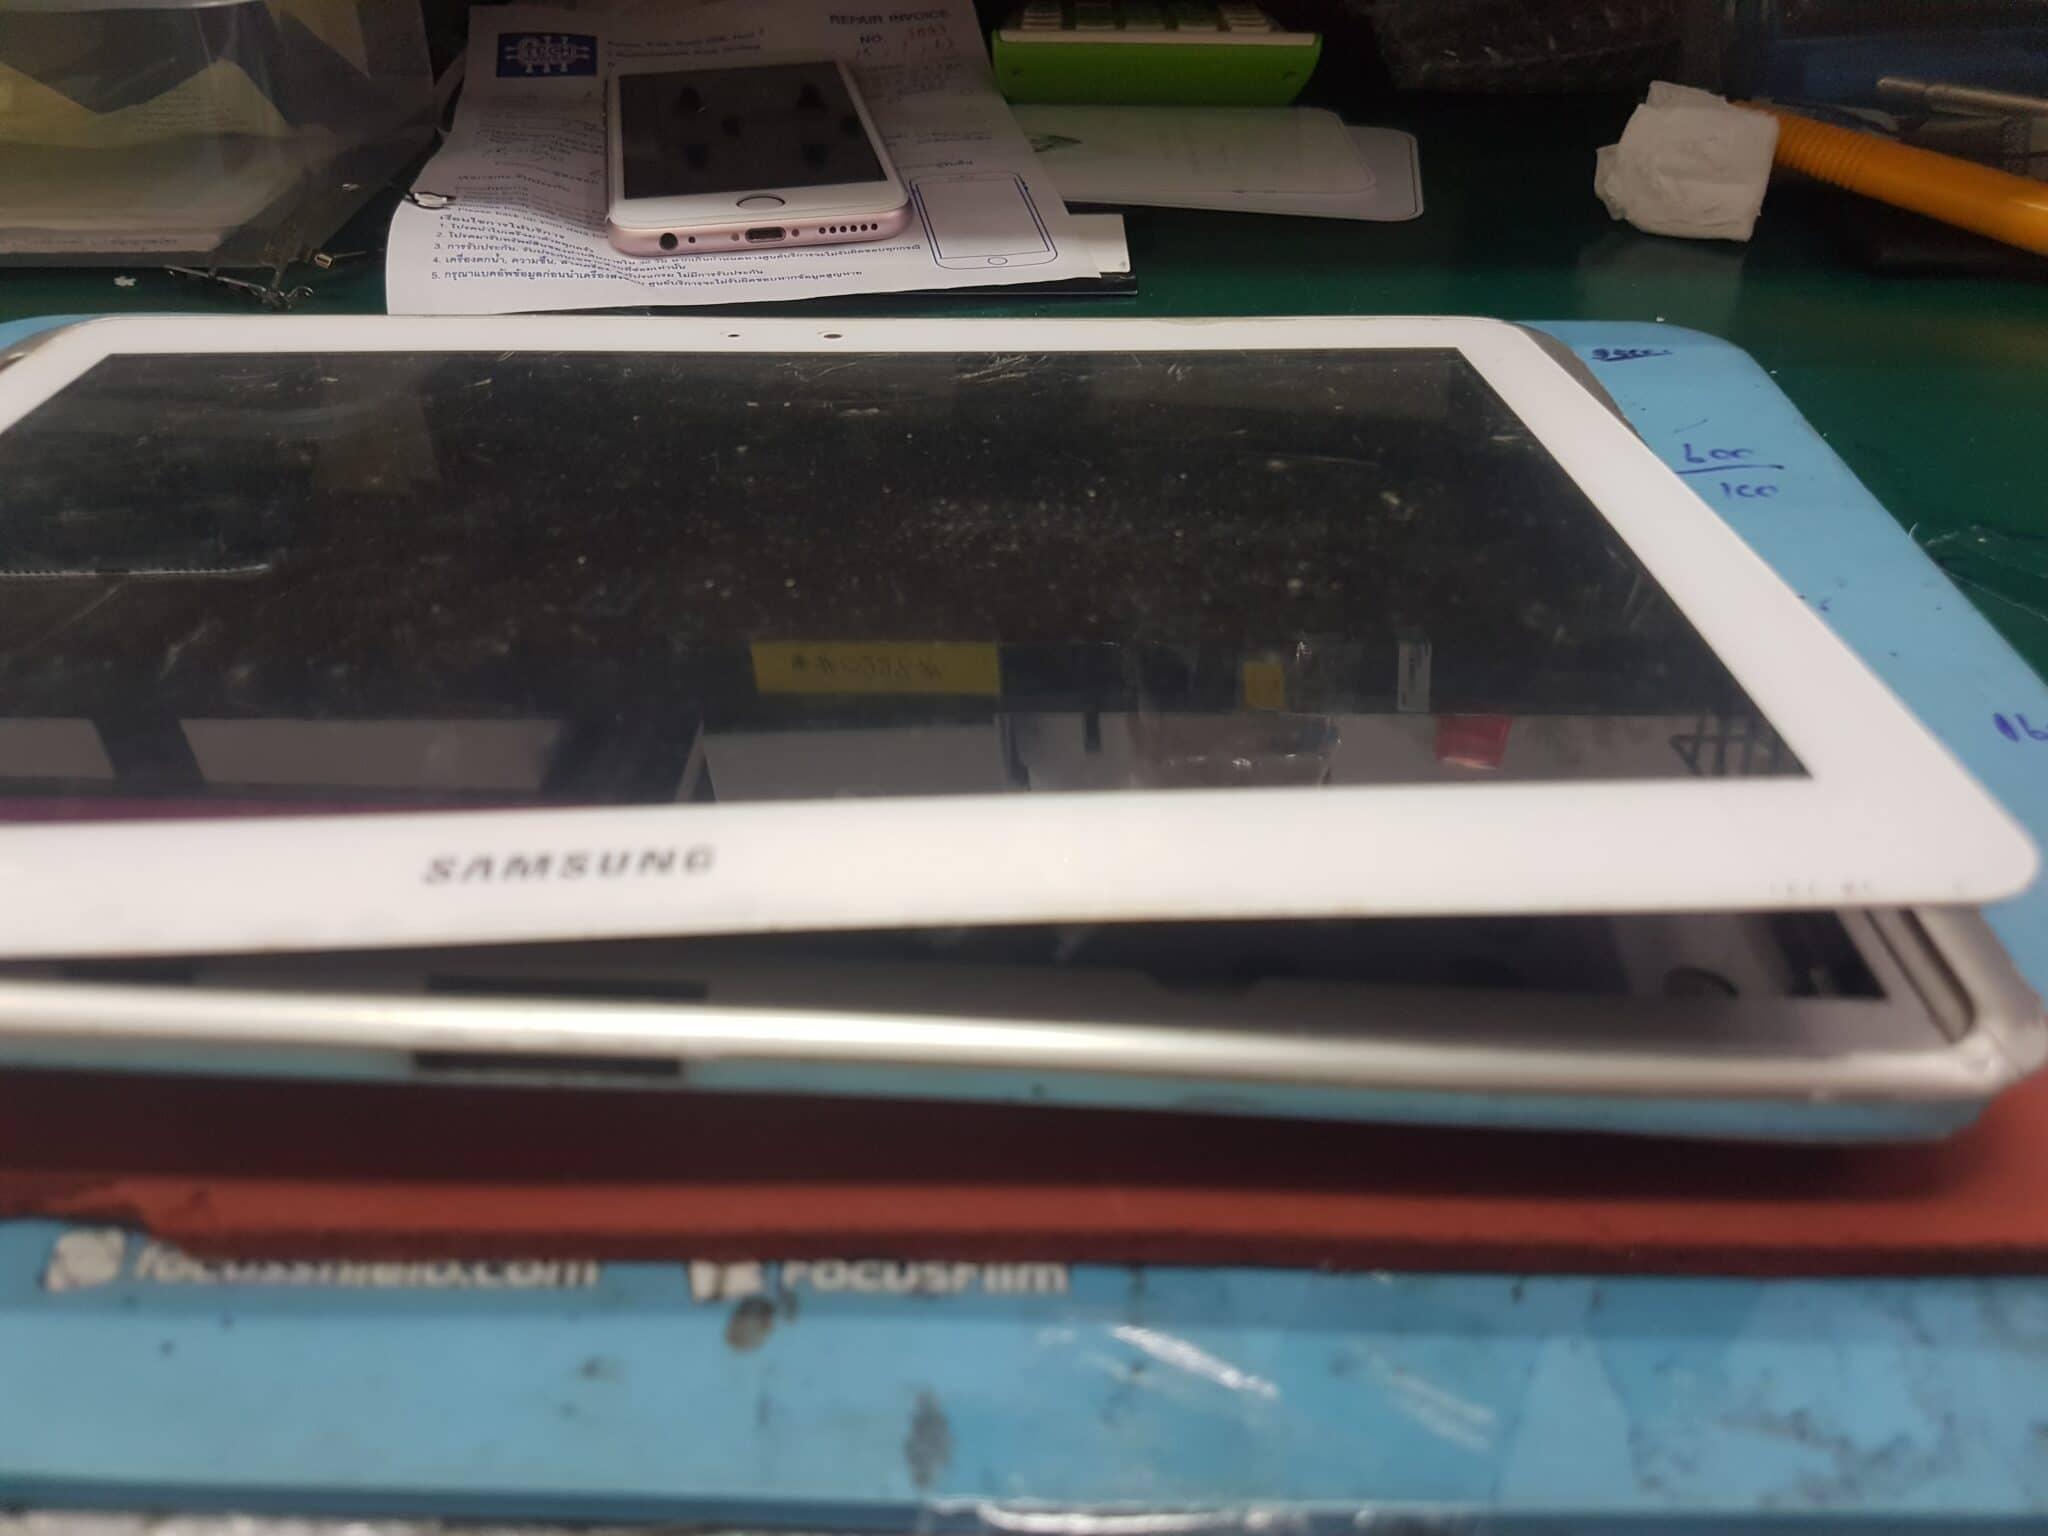 ซ่อม Samsung Galaxy ซัมซุง กาแล็กซี่ Tab S6 ลำโพงไม่ดัง อะไหล่แท้ ราคาถูก 🥇 ศูนย์ซ่อม โทรศัพท์มือถือ มือถือทุกรุ่น ทุกยี่ห้อ iPhone | Apple | Samsung | Huawei